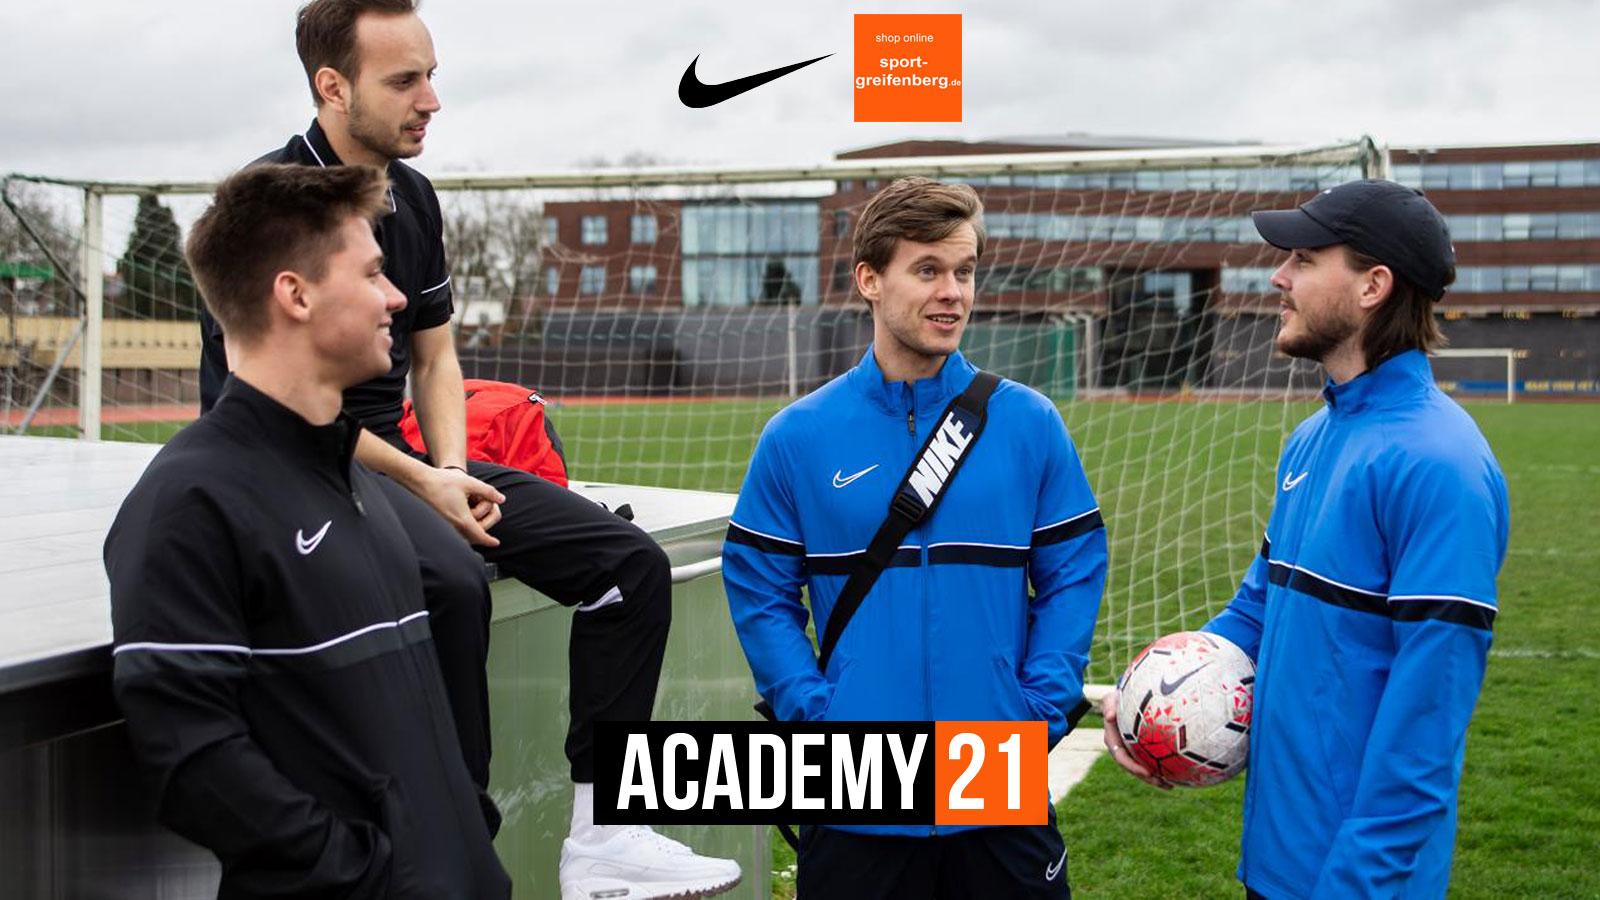 Nike Katalog 2021